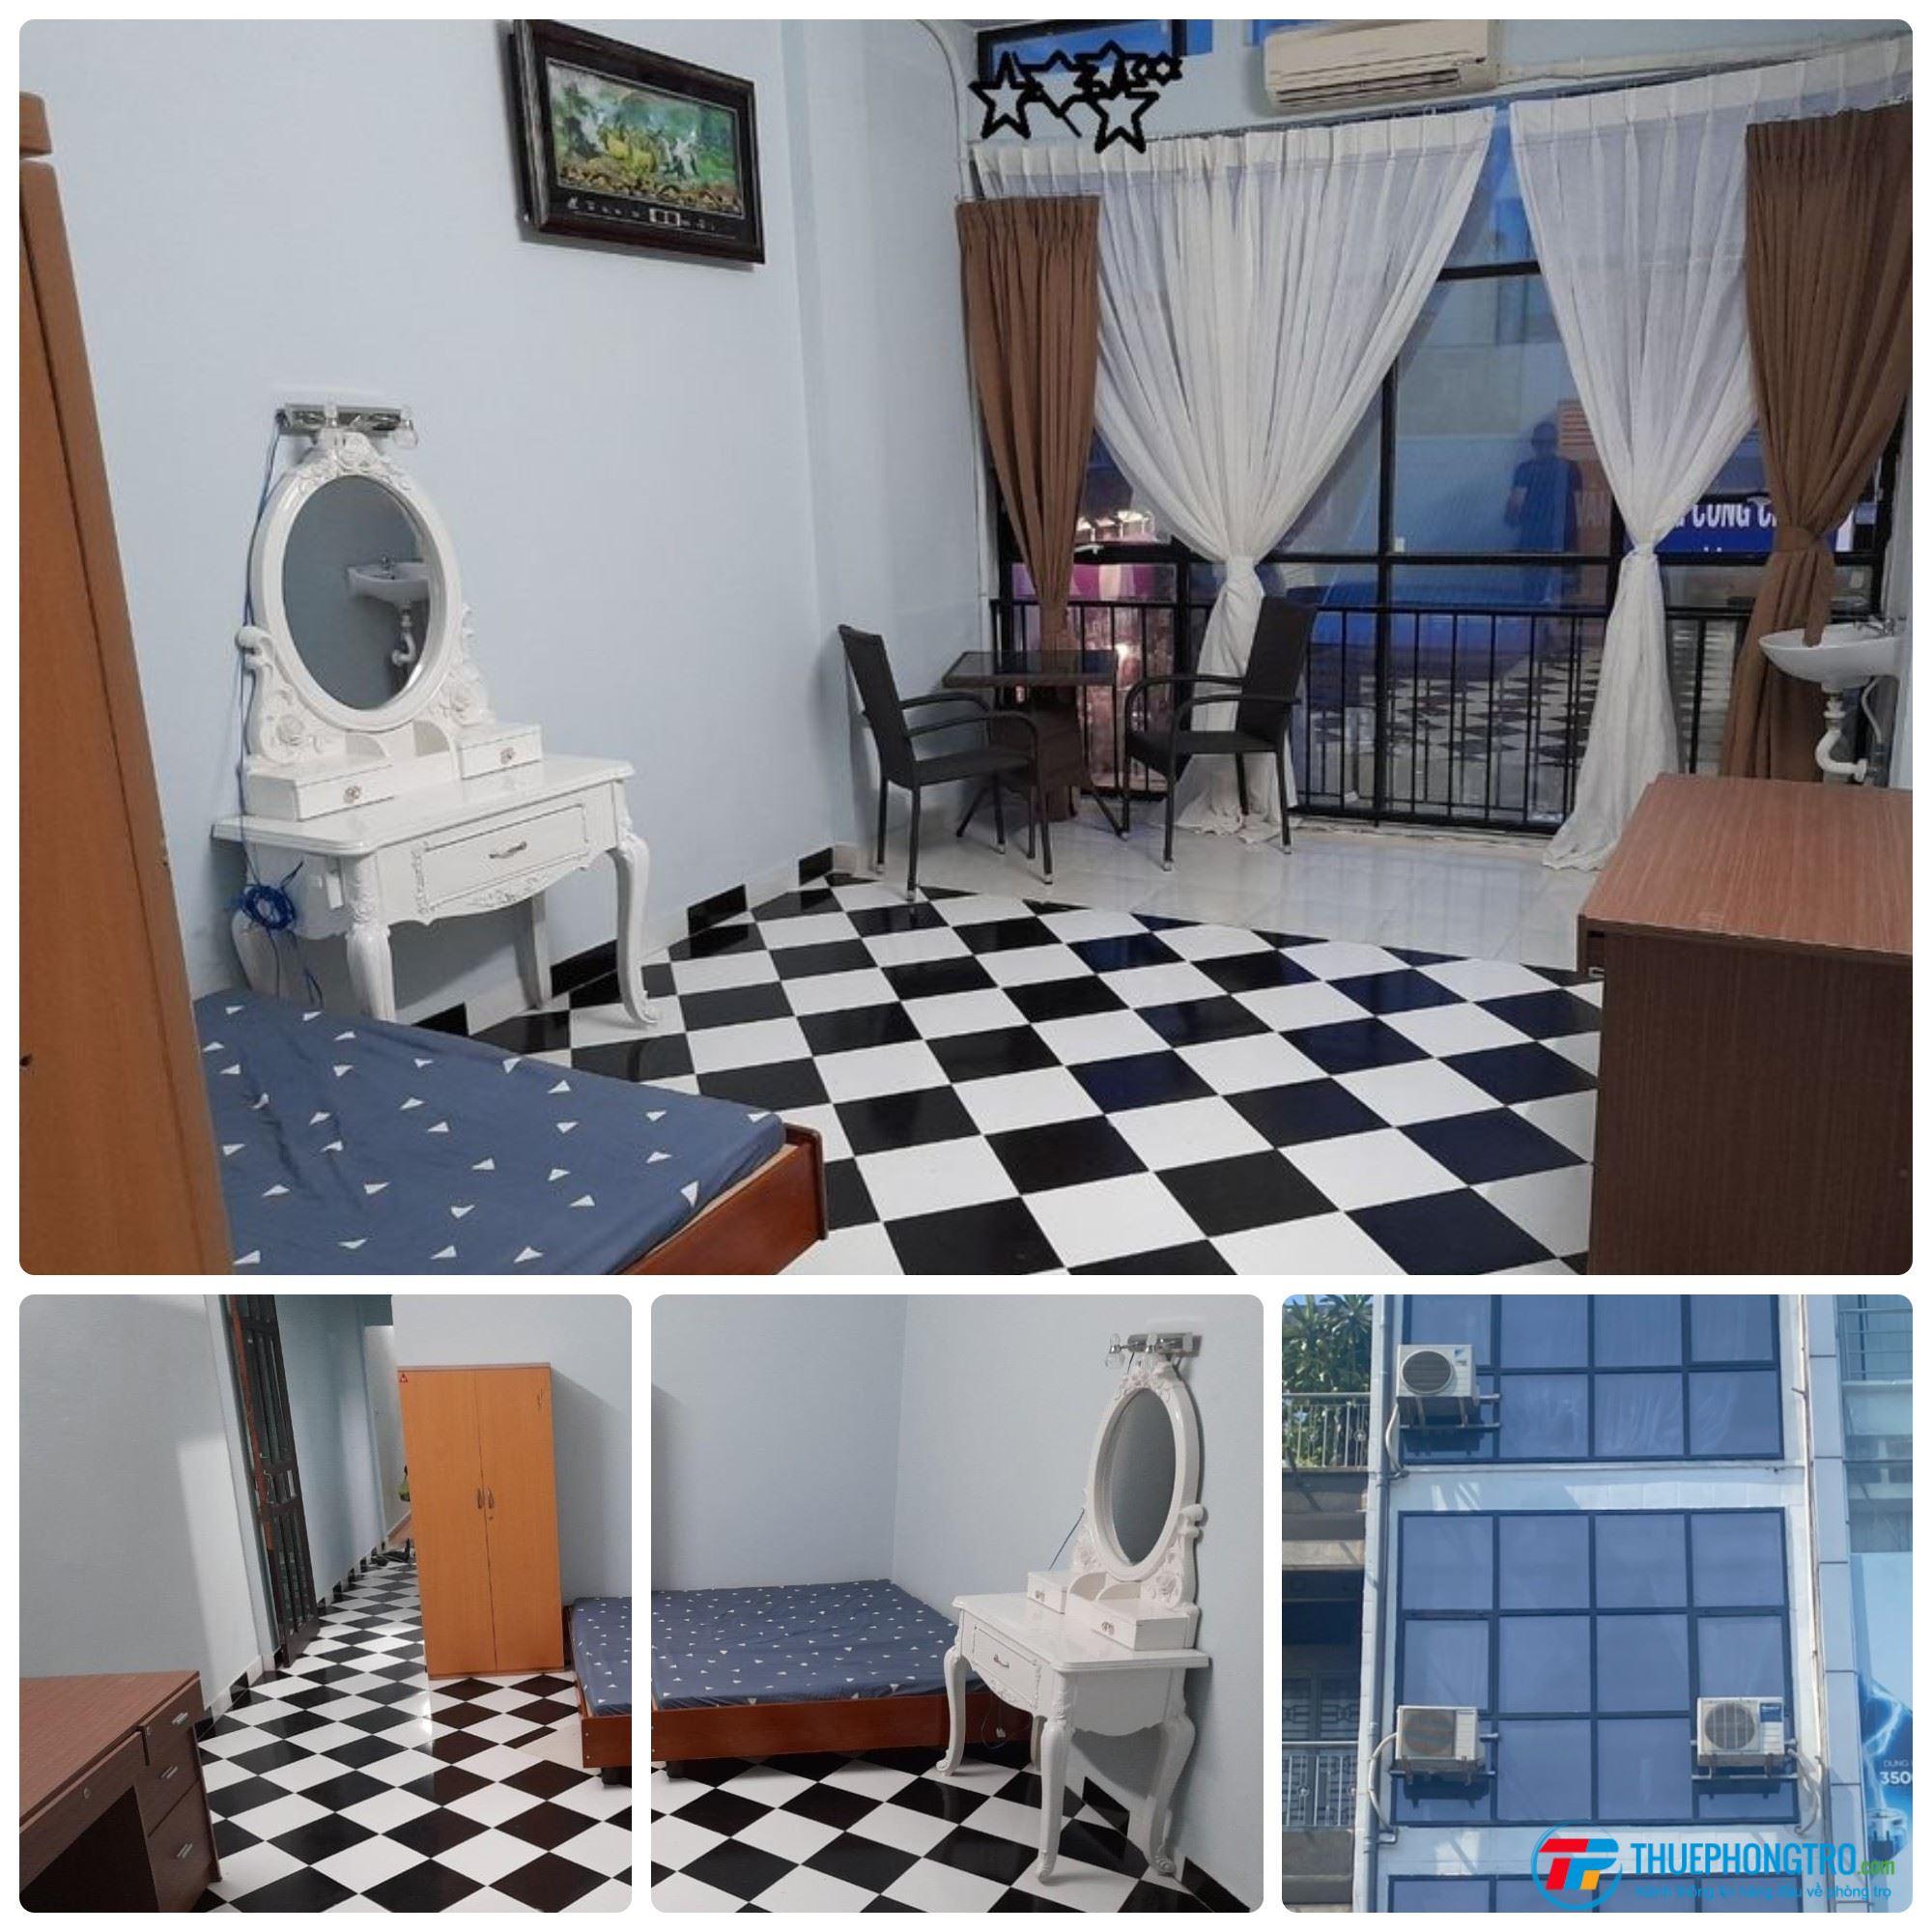 Còn 1 Phòng Trống Full Cửa Sổ View Mặt Tiền Phú Nhuận